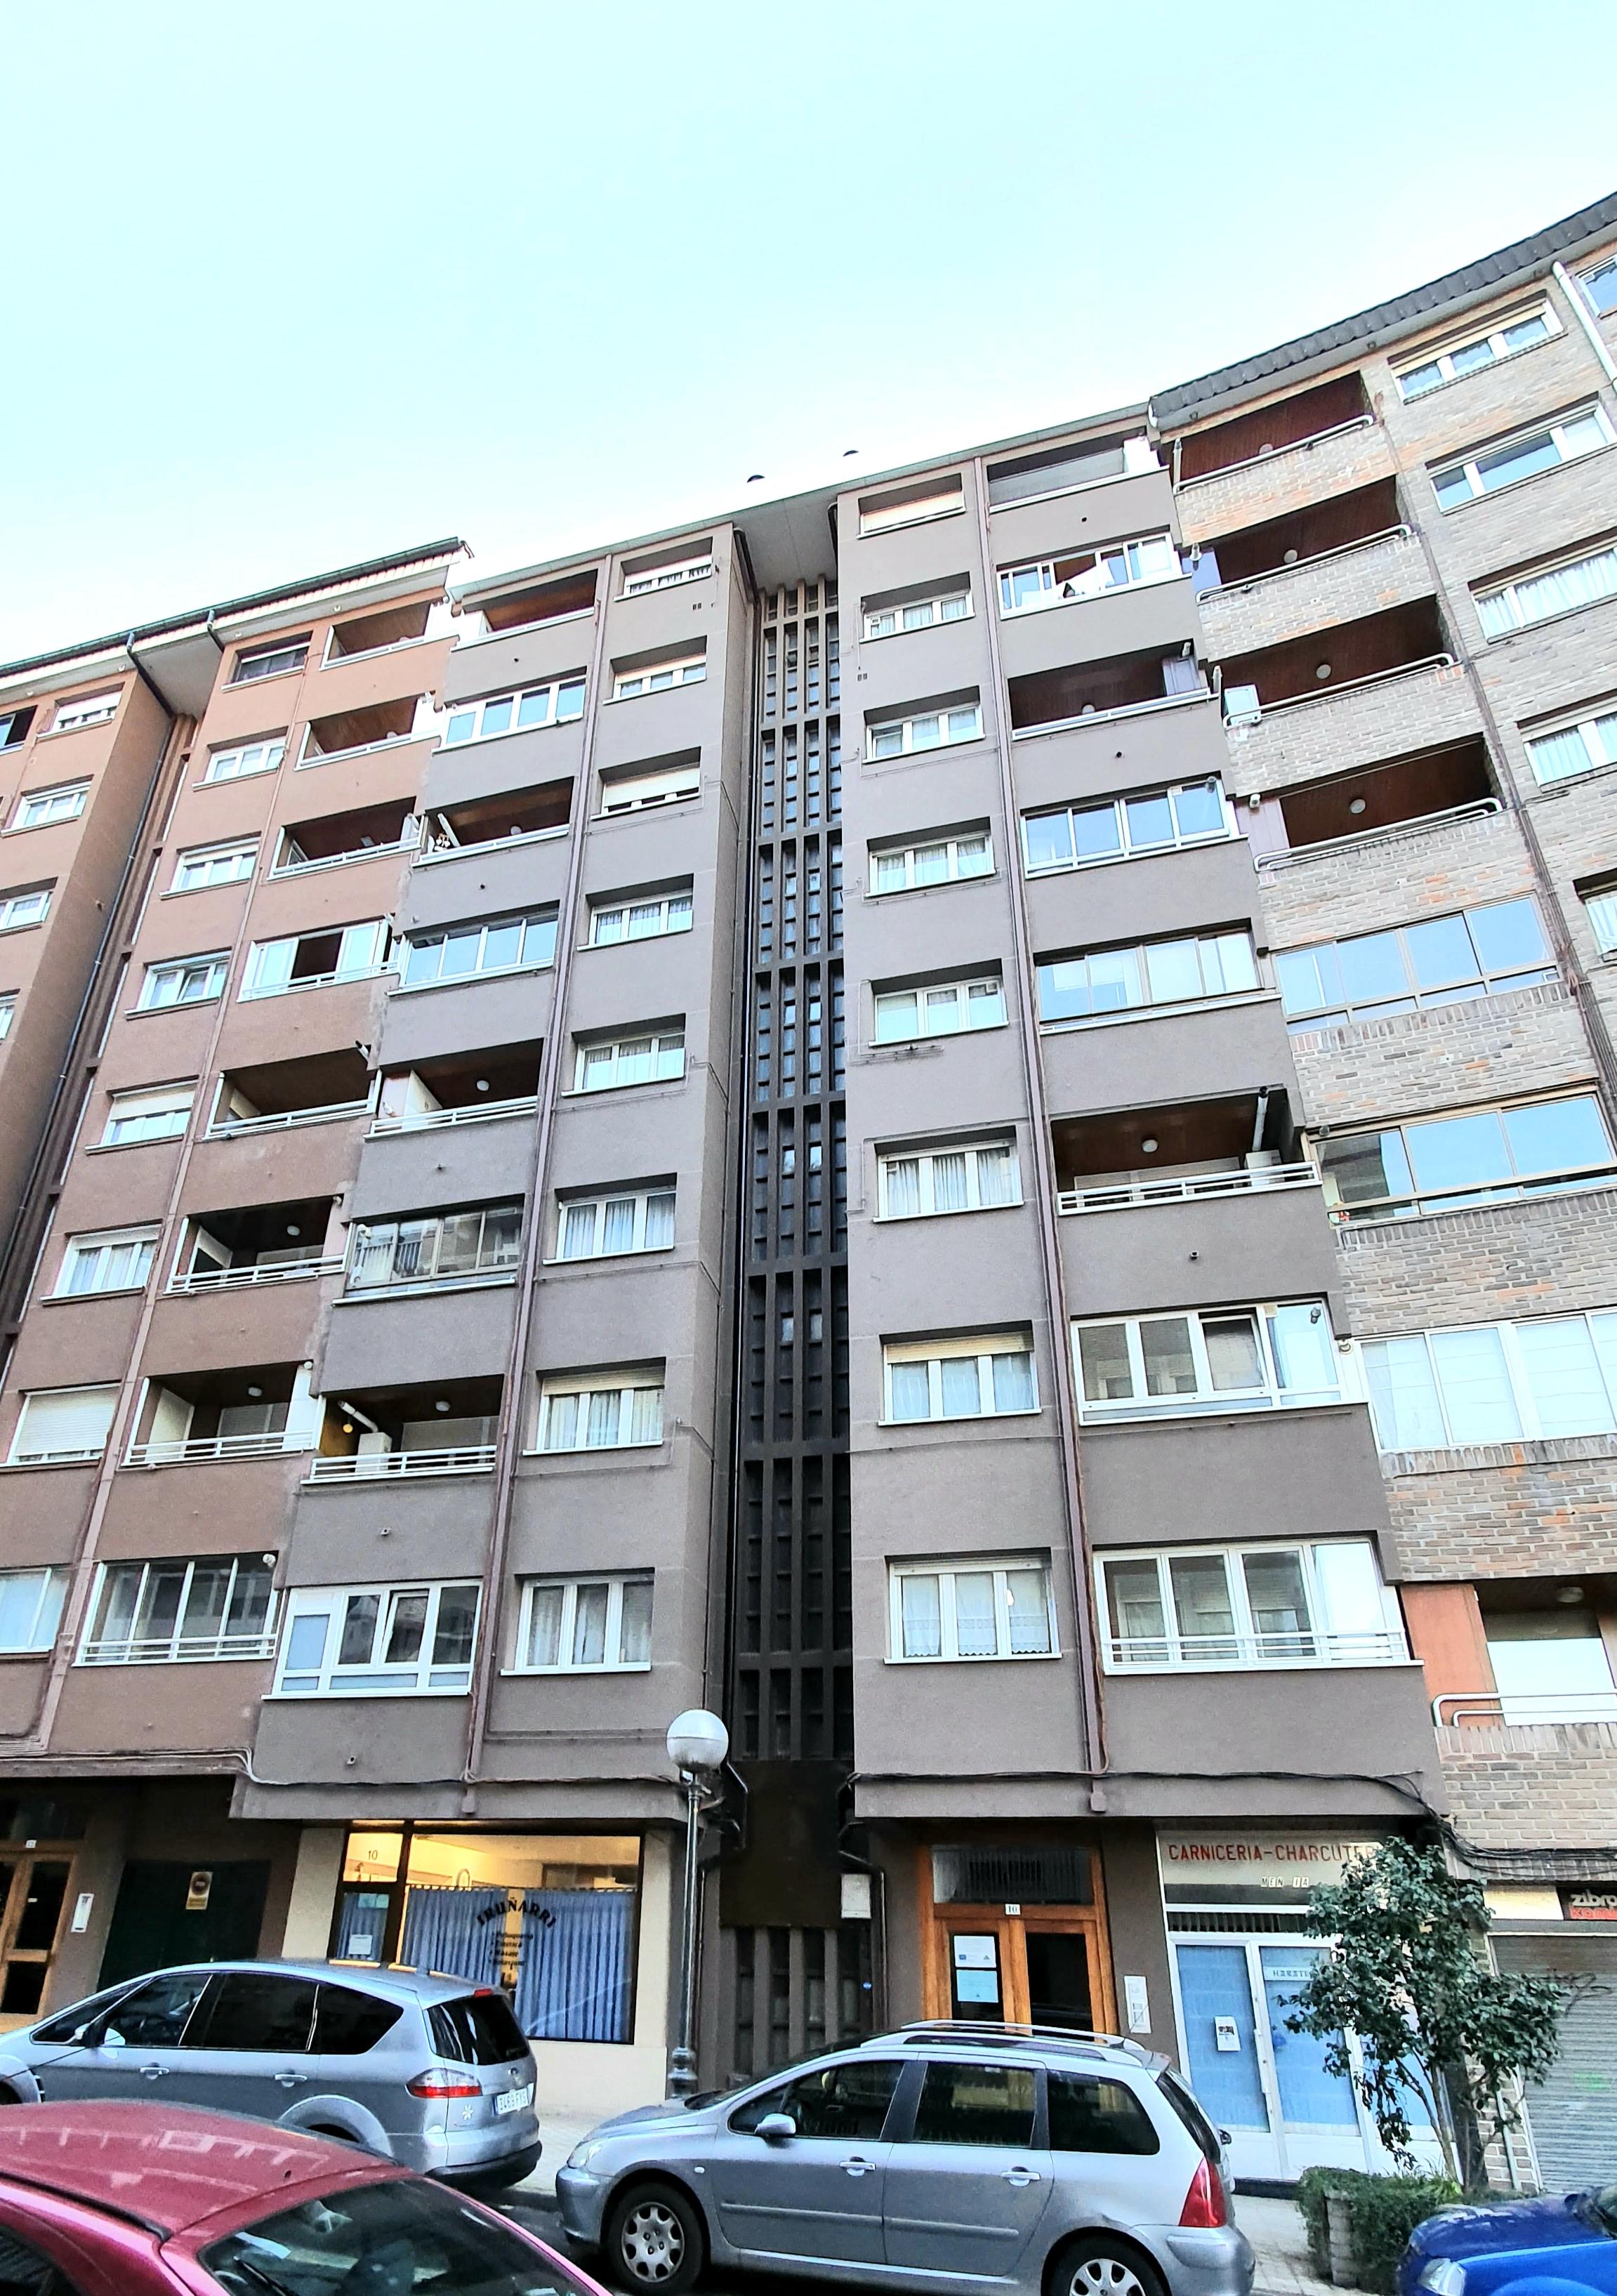 Piso de 90m2, situado en el barrio de Azken Portu. Muy luminoso y soleado, es ideal como primera vivienda o para familias.